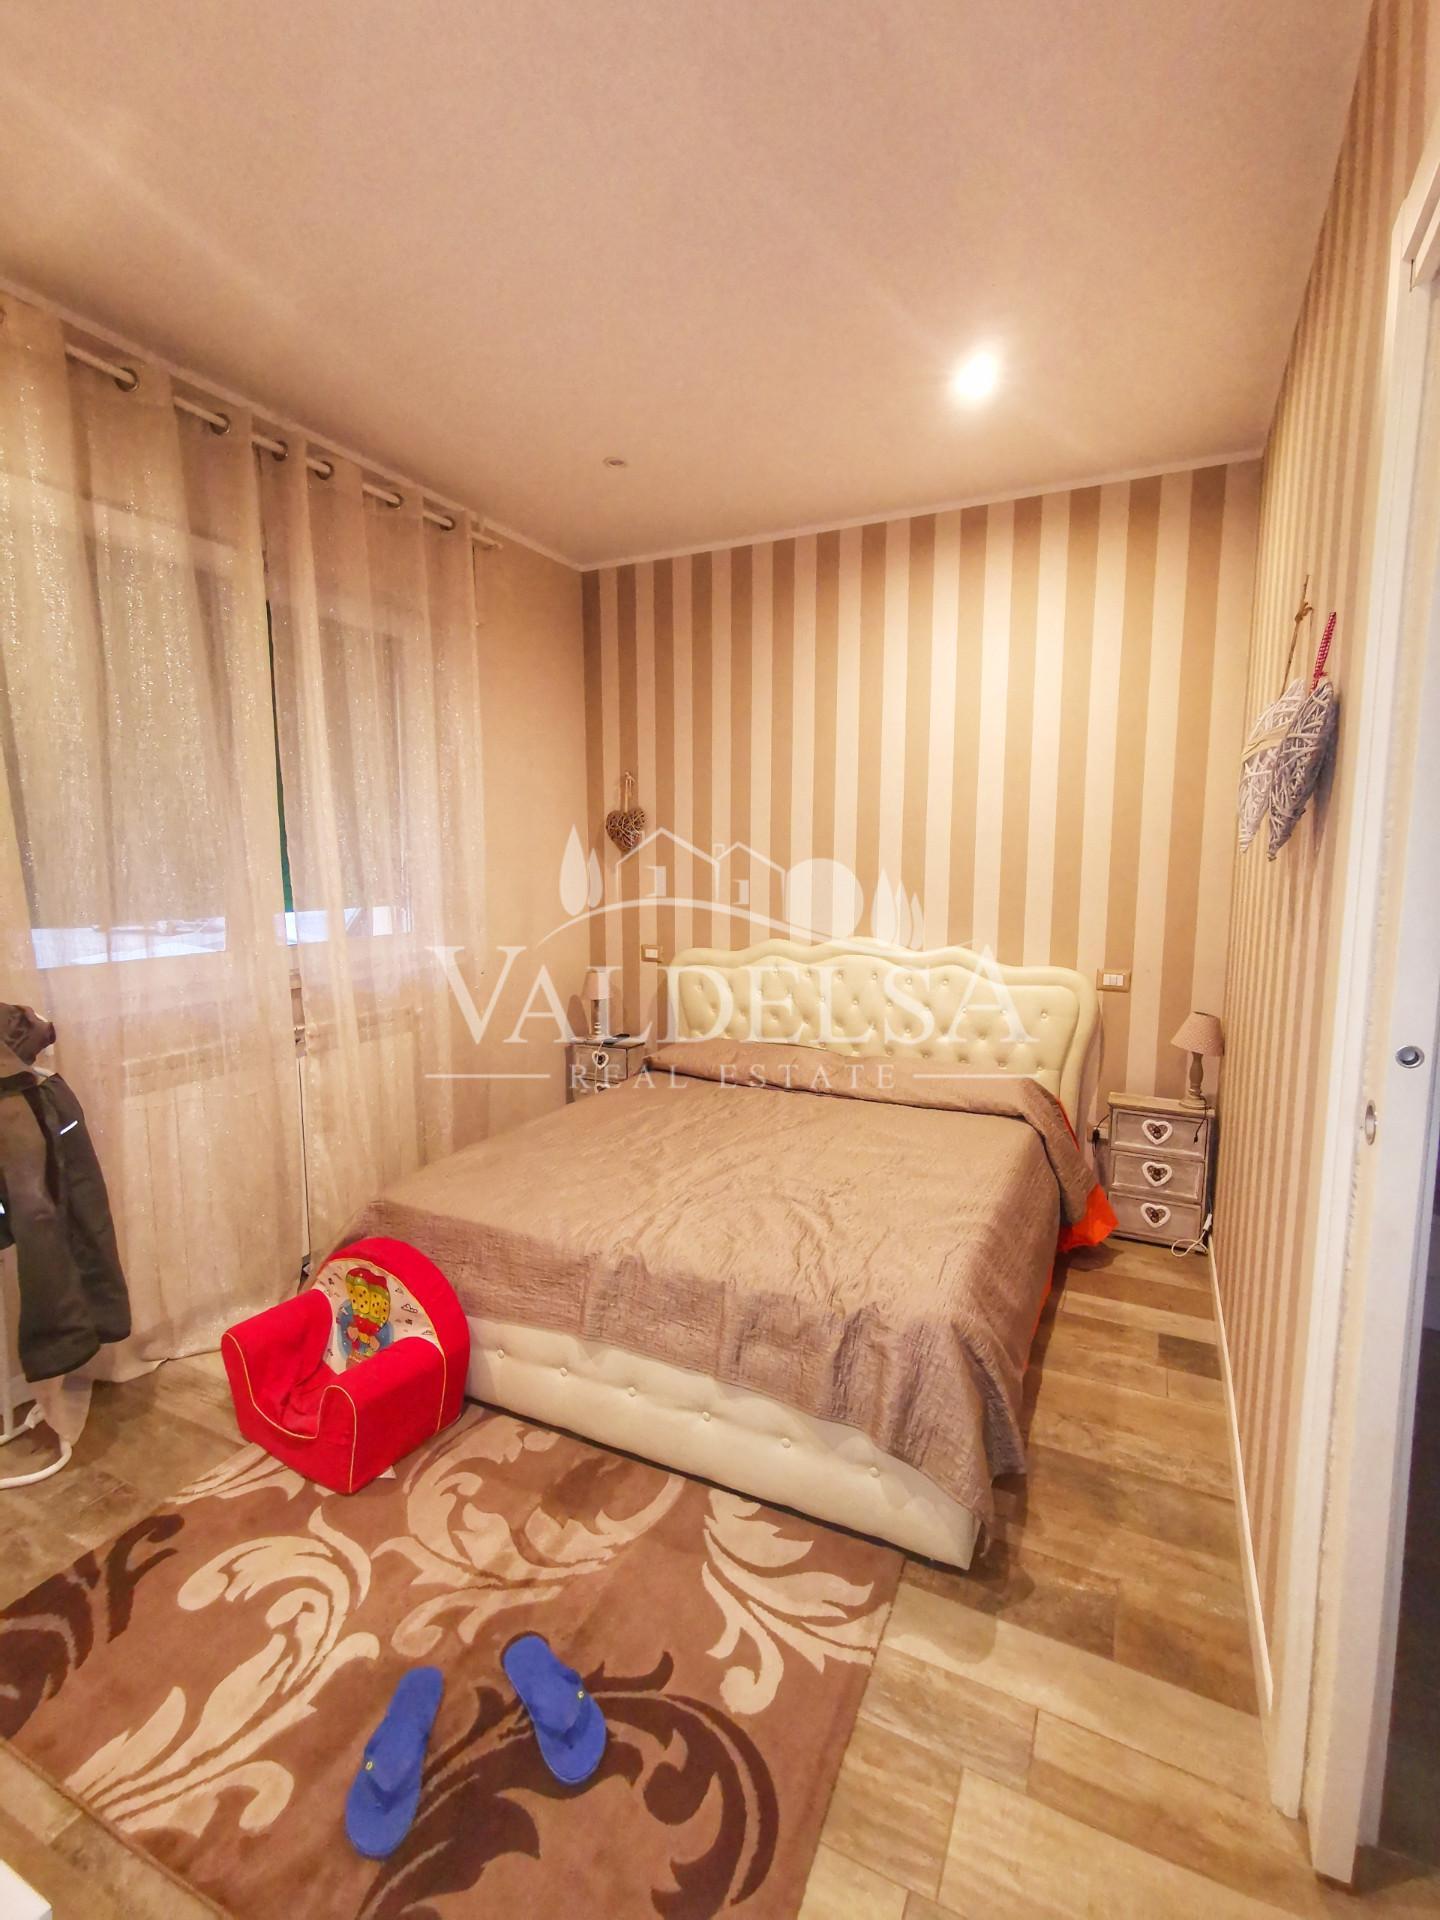 Appartamento in vendita, rif. 683